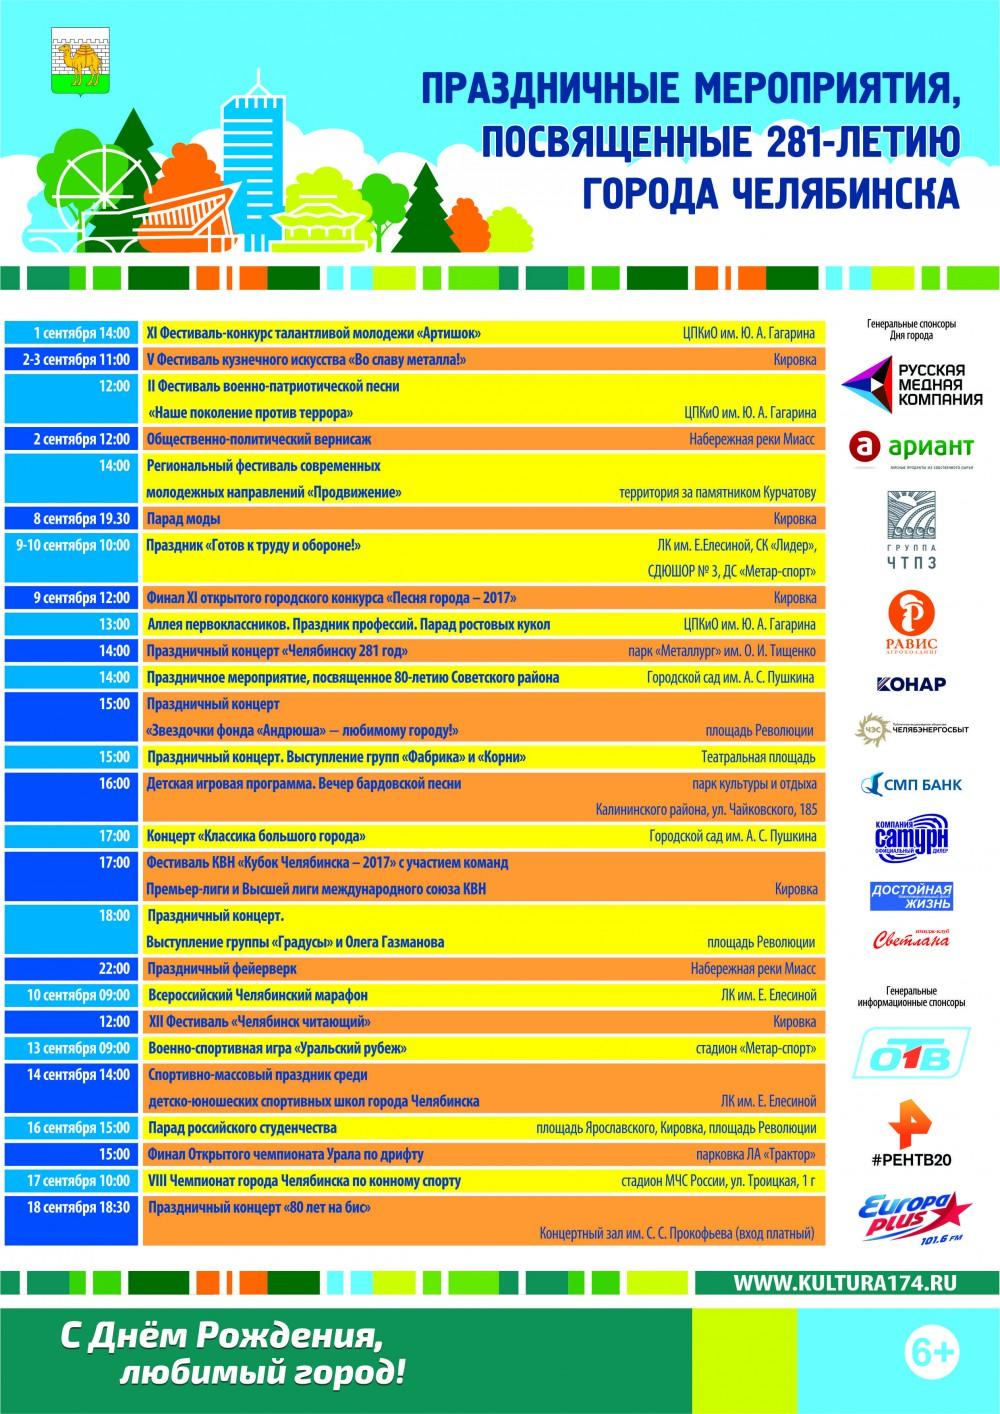 День города Челябинска 9 сентября 2017 года - программа мероприятий, когда салют, кто выступает